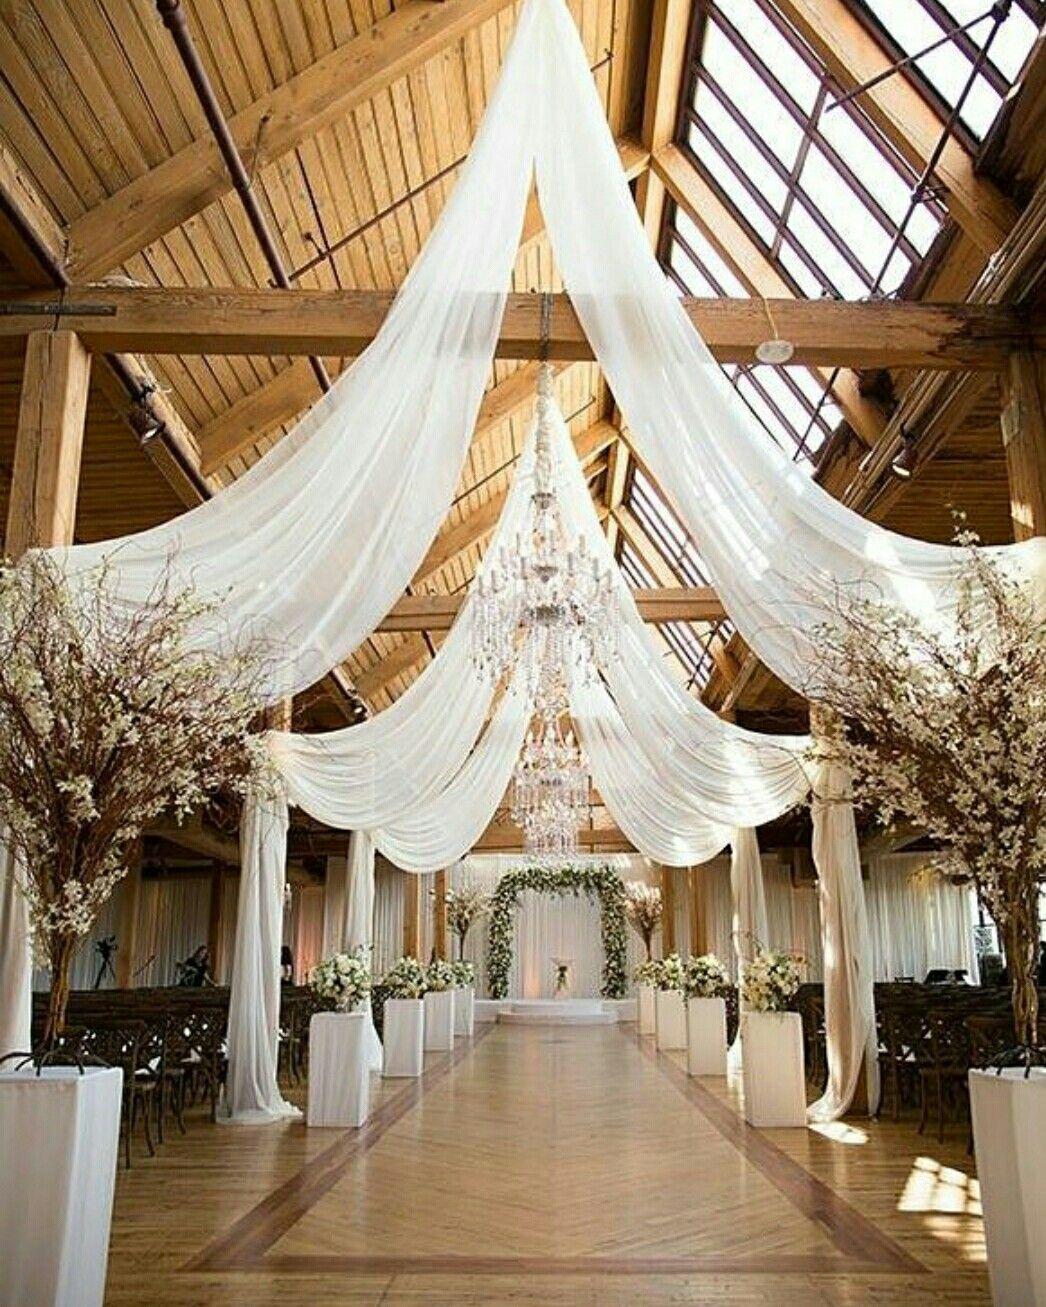 Cheap Wedding Reception Venue Ideas: Beautiful Cerimony Area